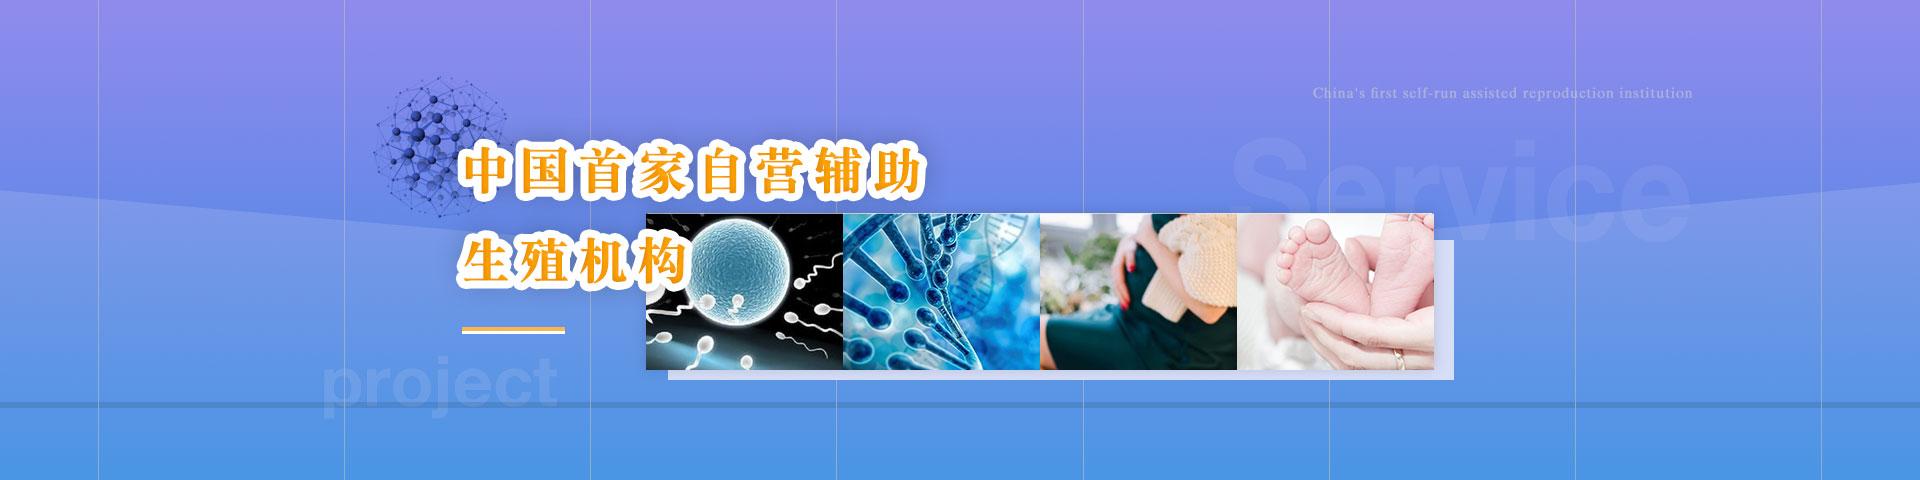 上海第三代试管排名